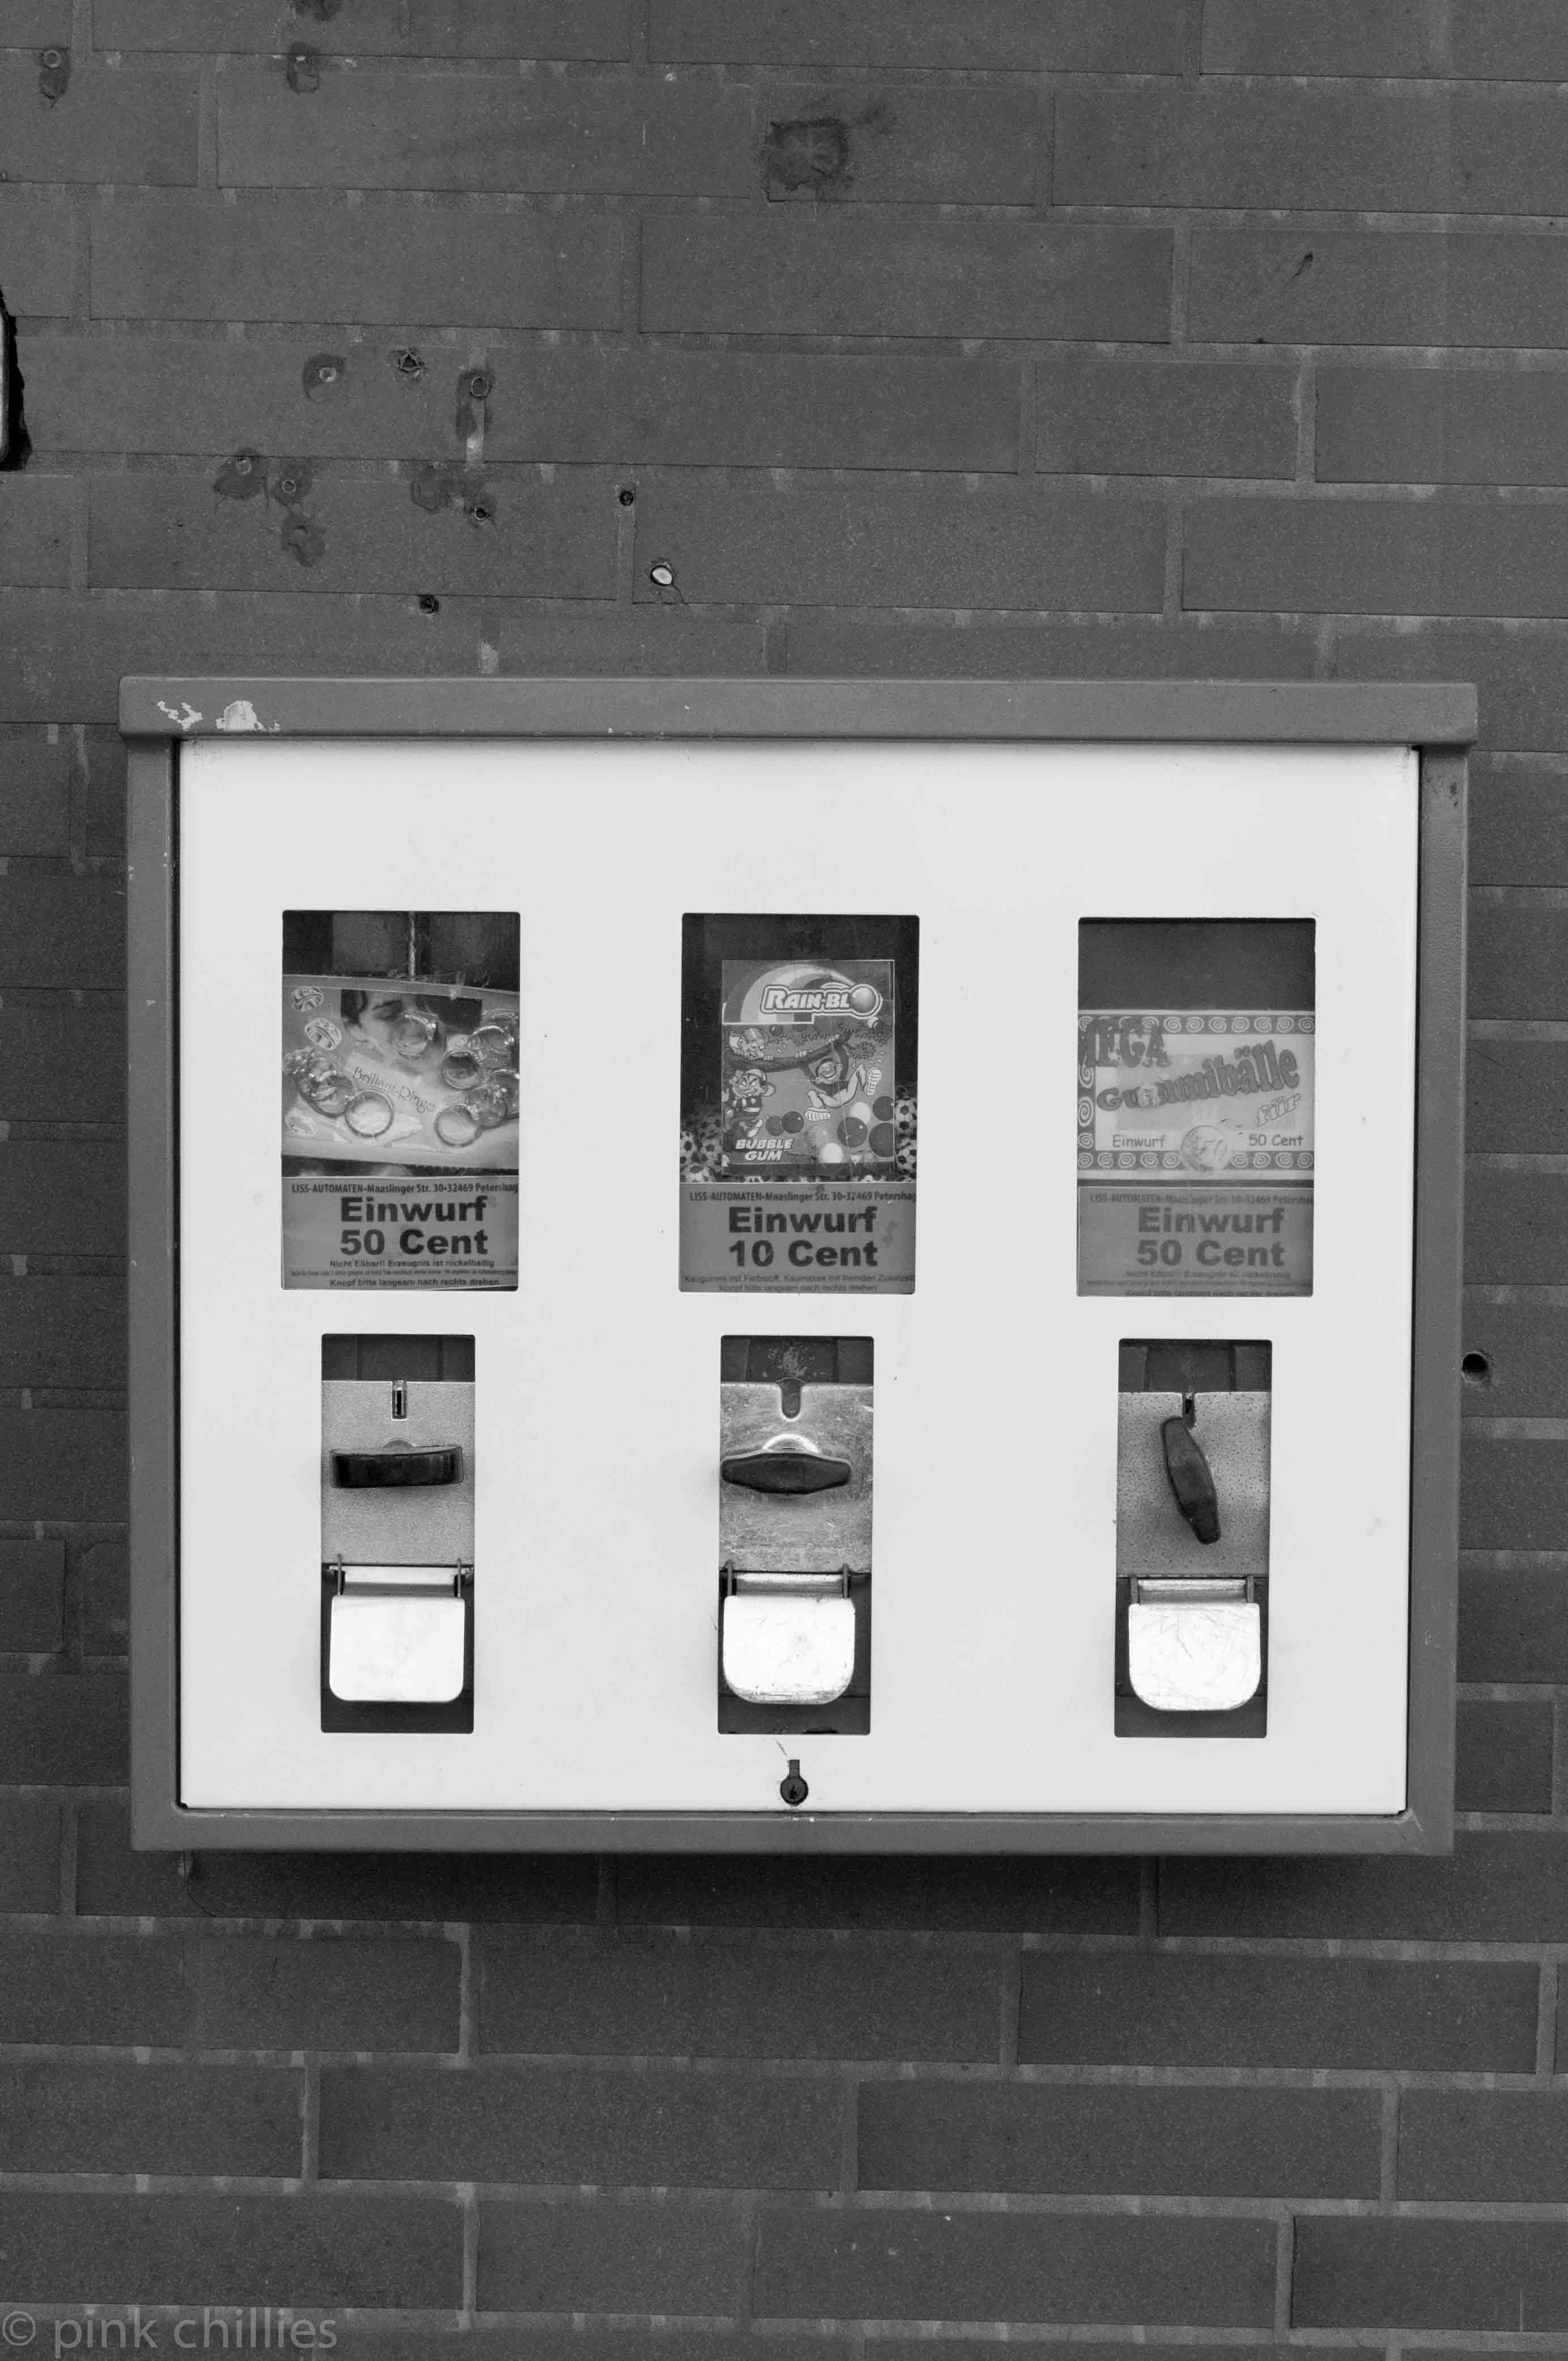 Bohmte Kaugummiautomat